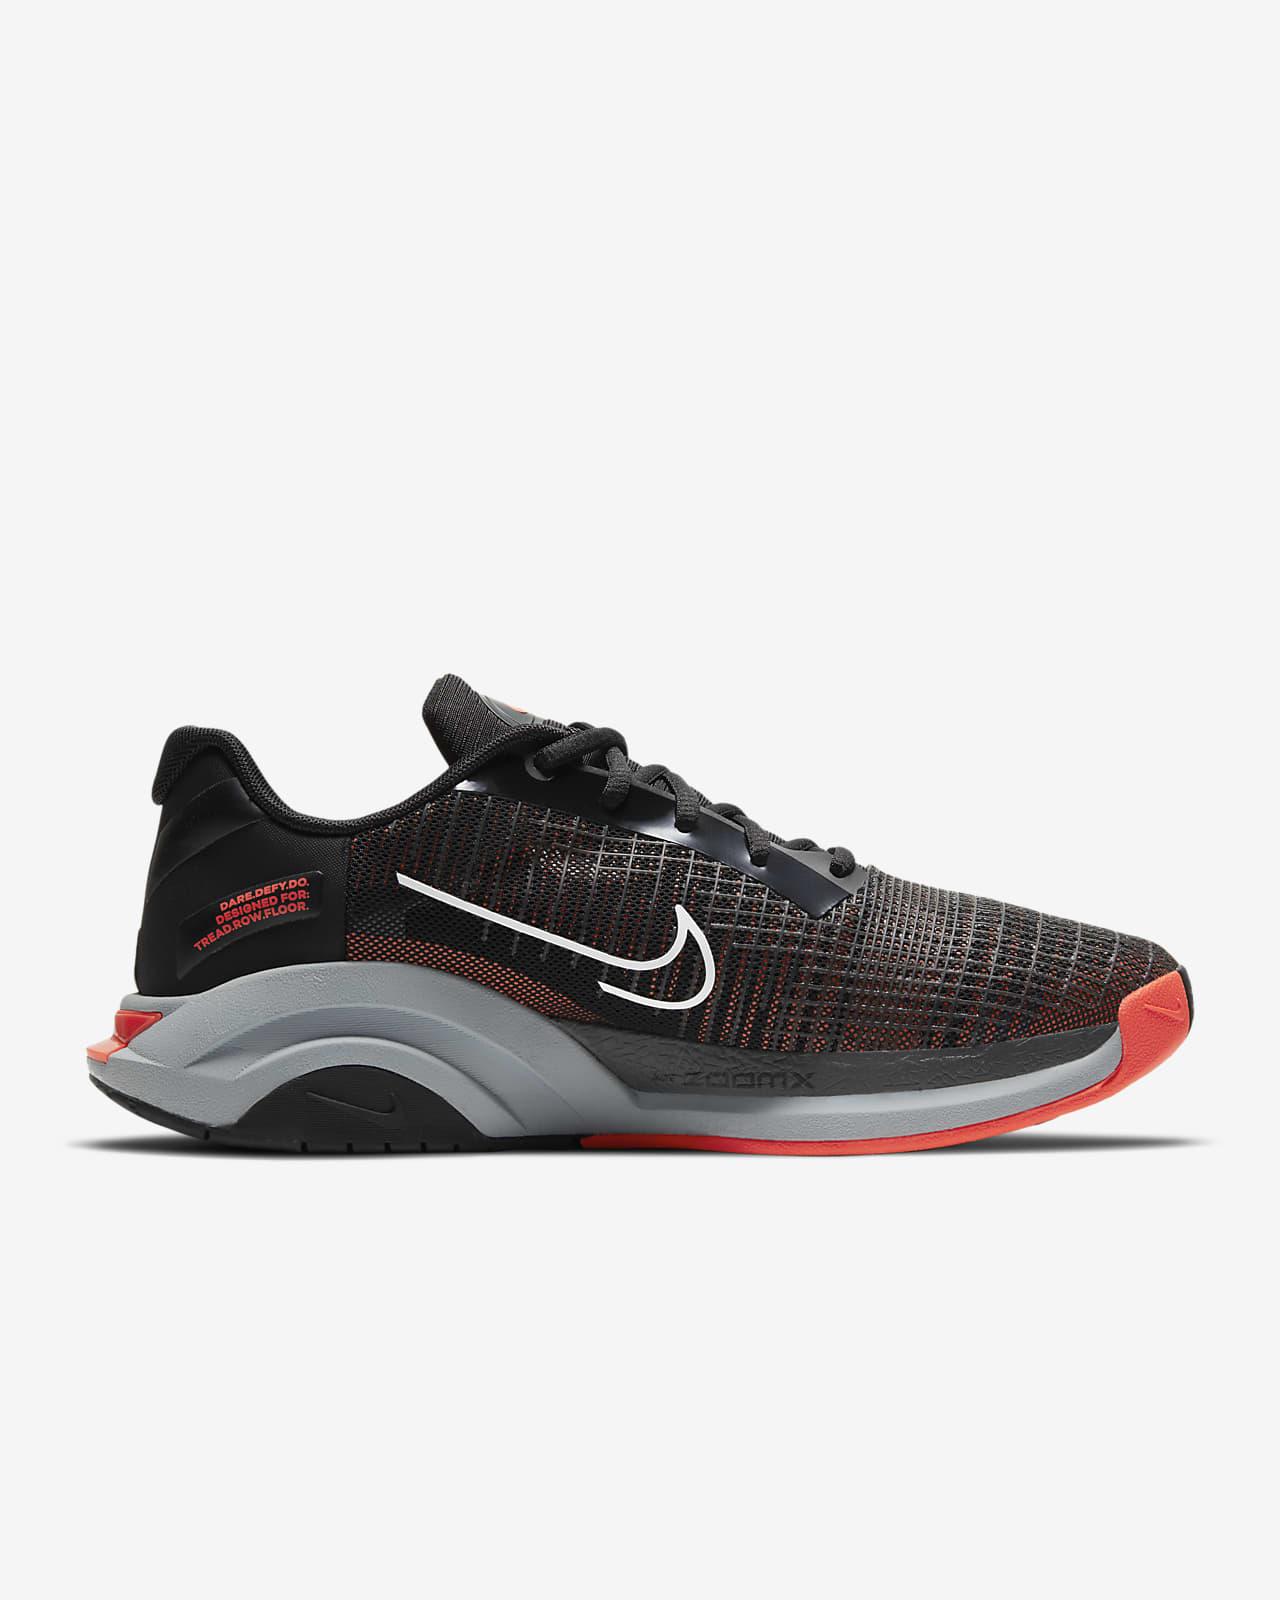 Nike ZoomX SuperRep Surge Men's